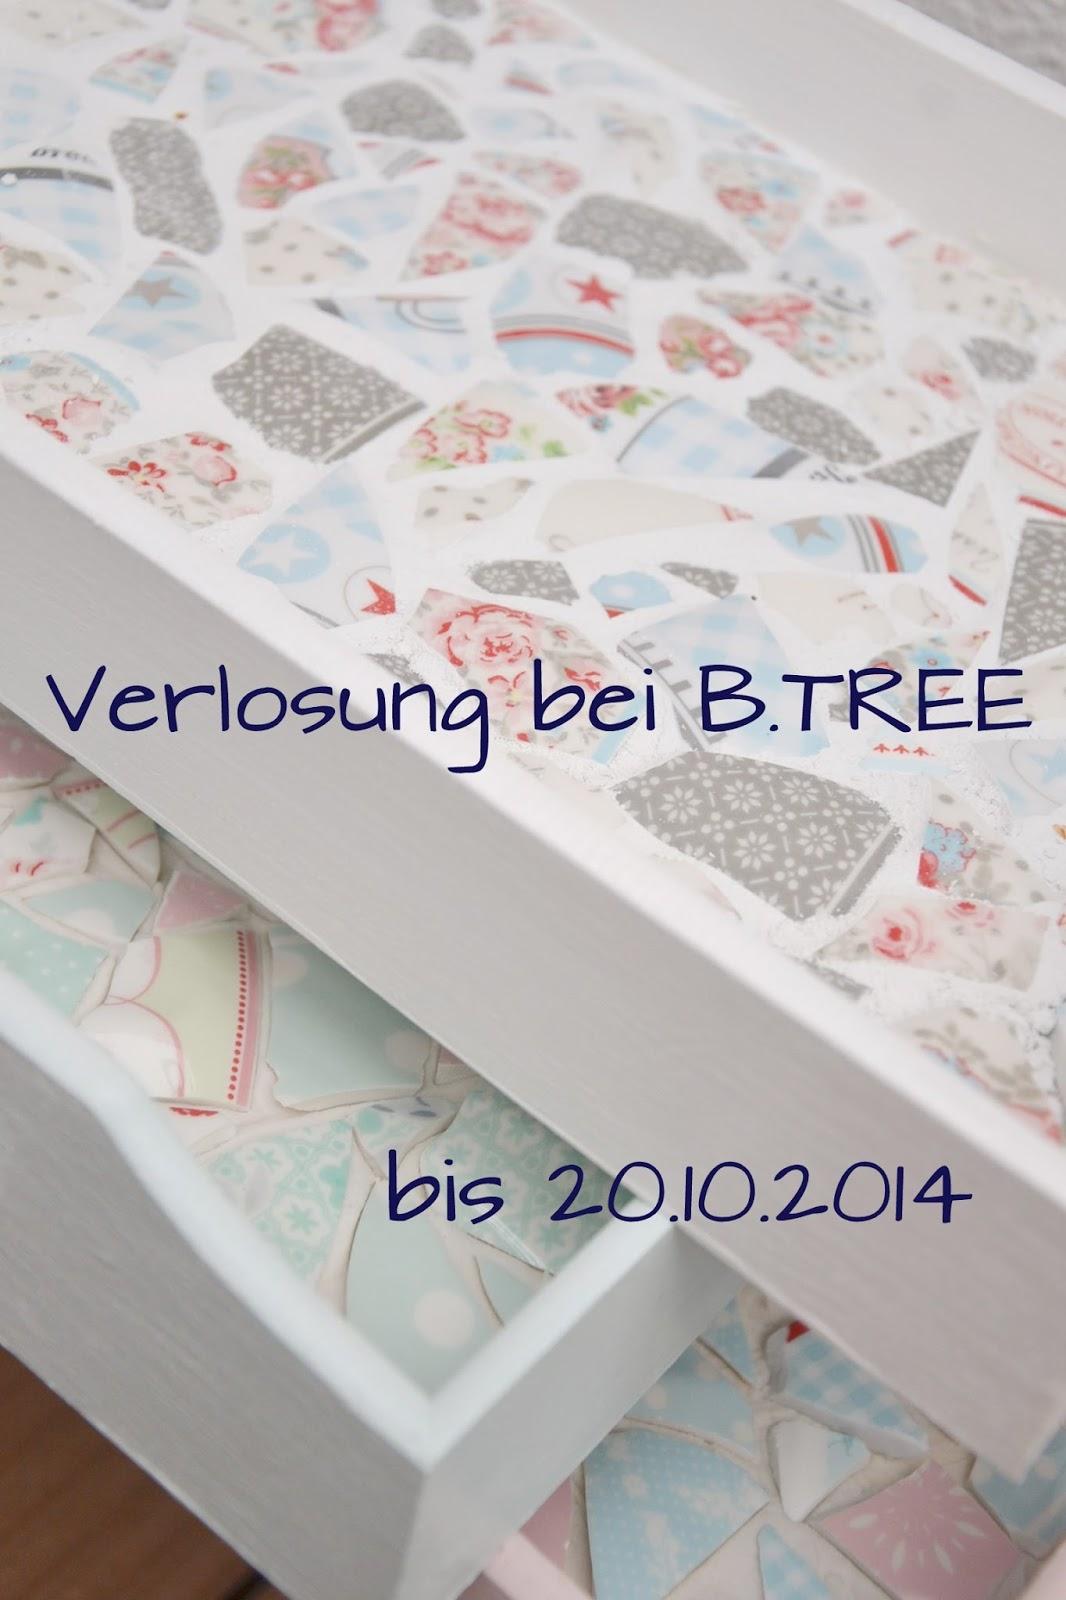 Verlosung bei B.Tree